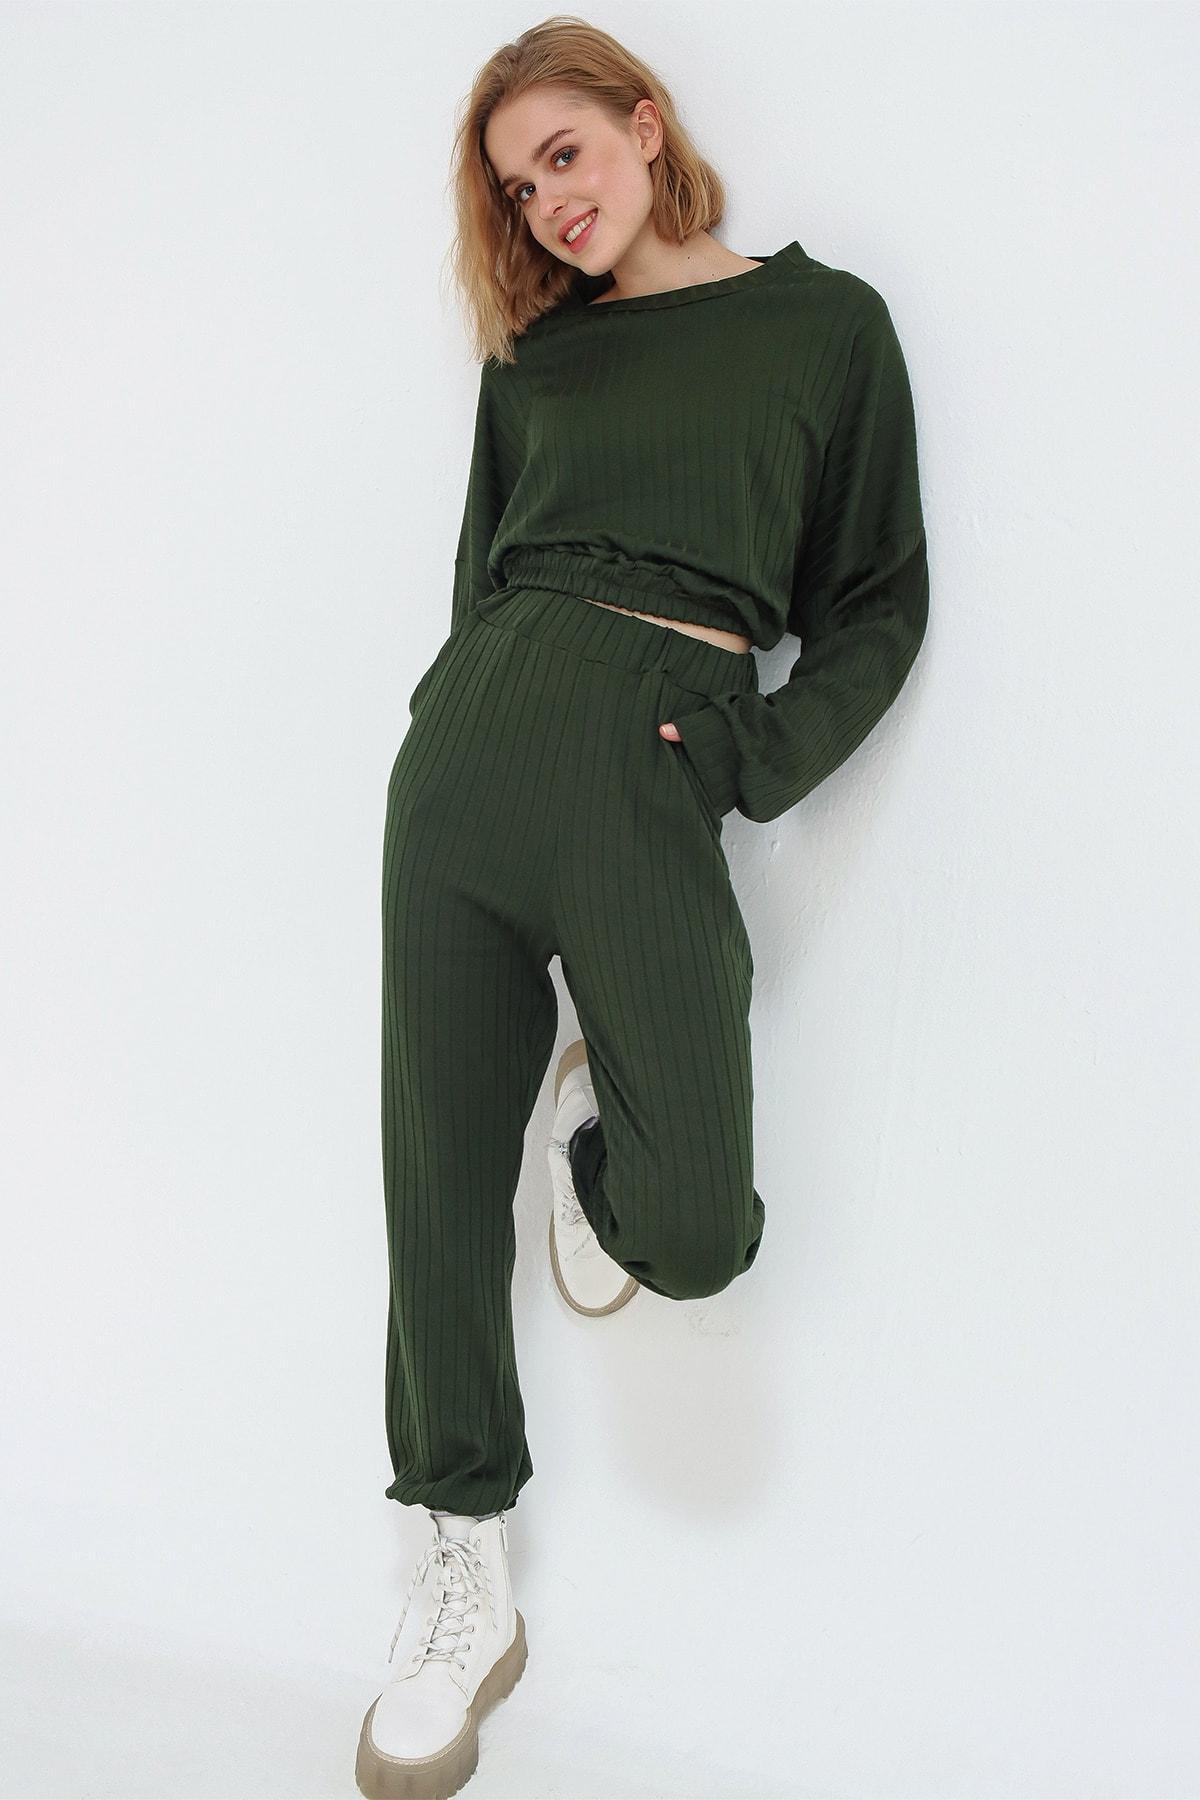 Trend Alaçatı Stili Kadın Yeşil Beli Lastikli Eşofman Takım ALC-507-509-FT 2